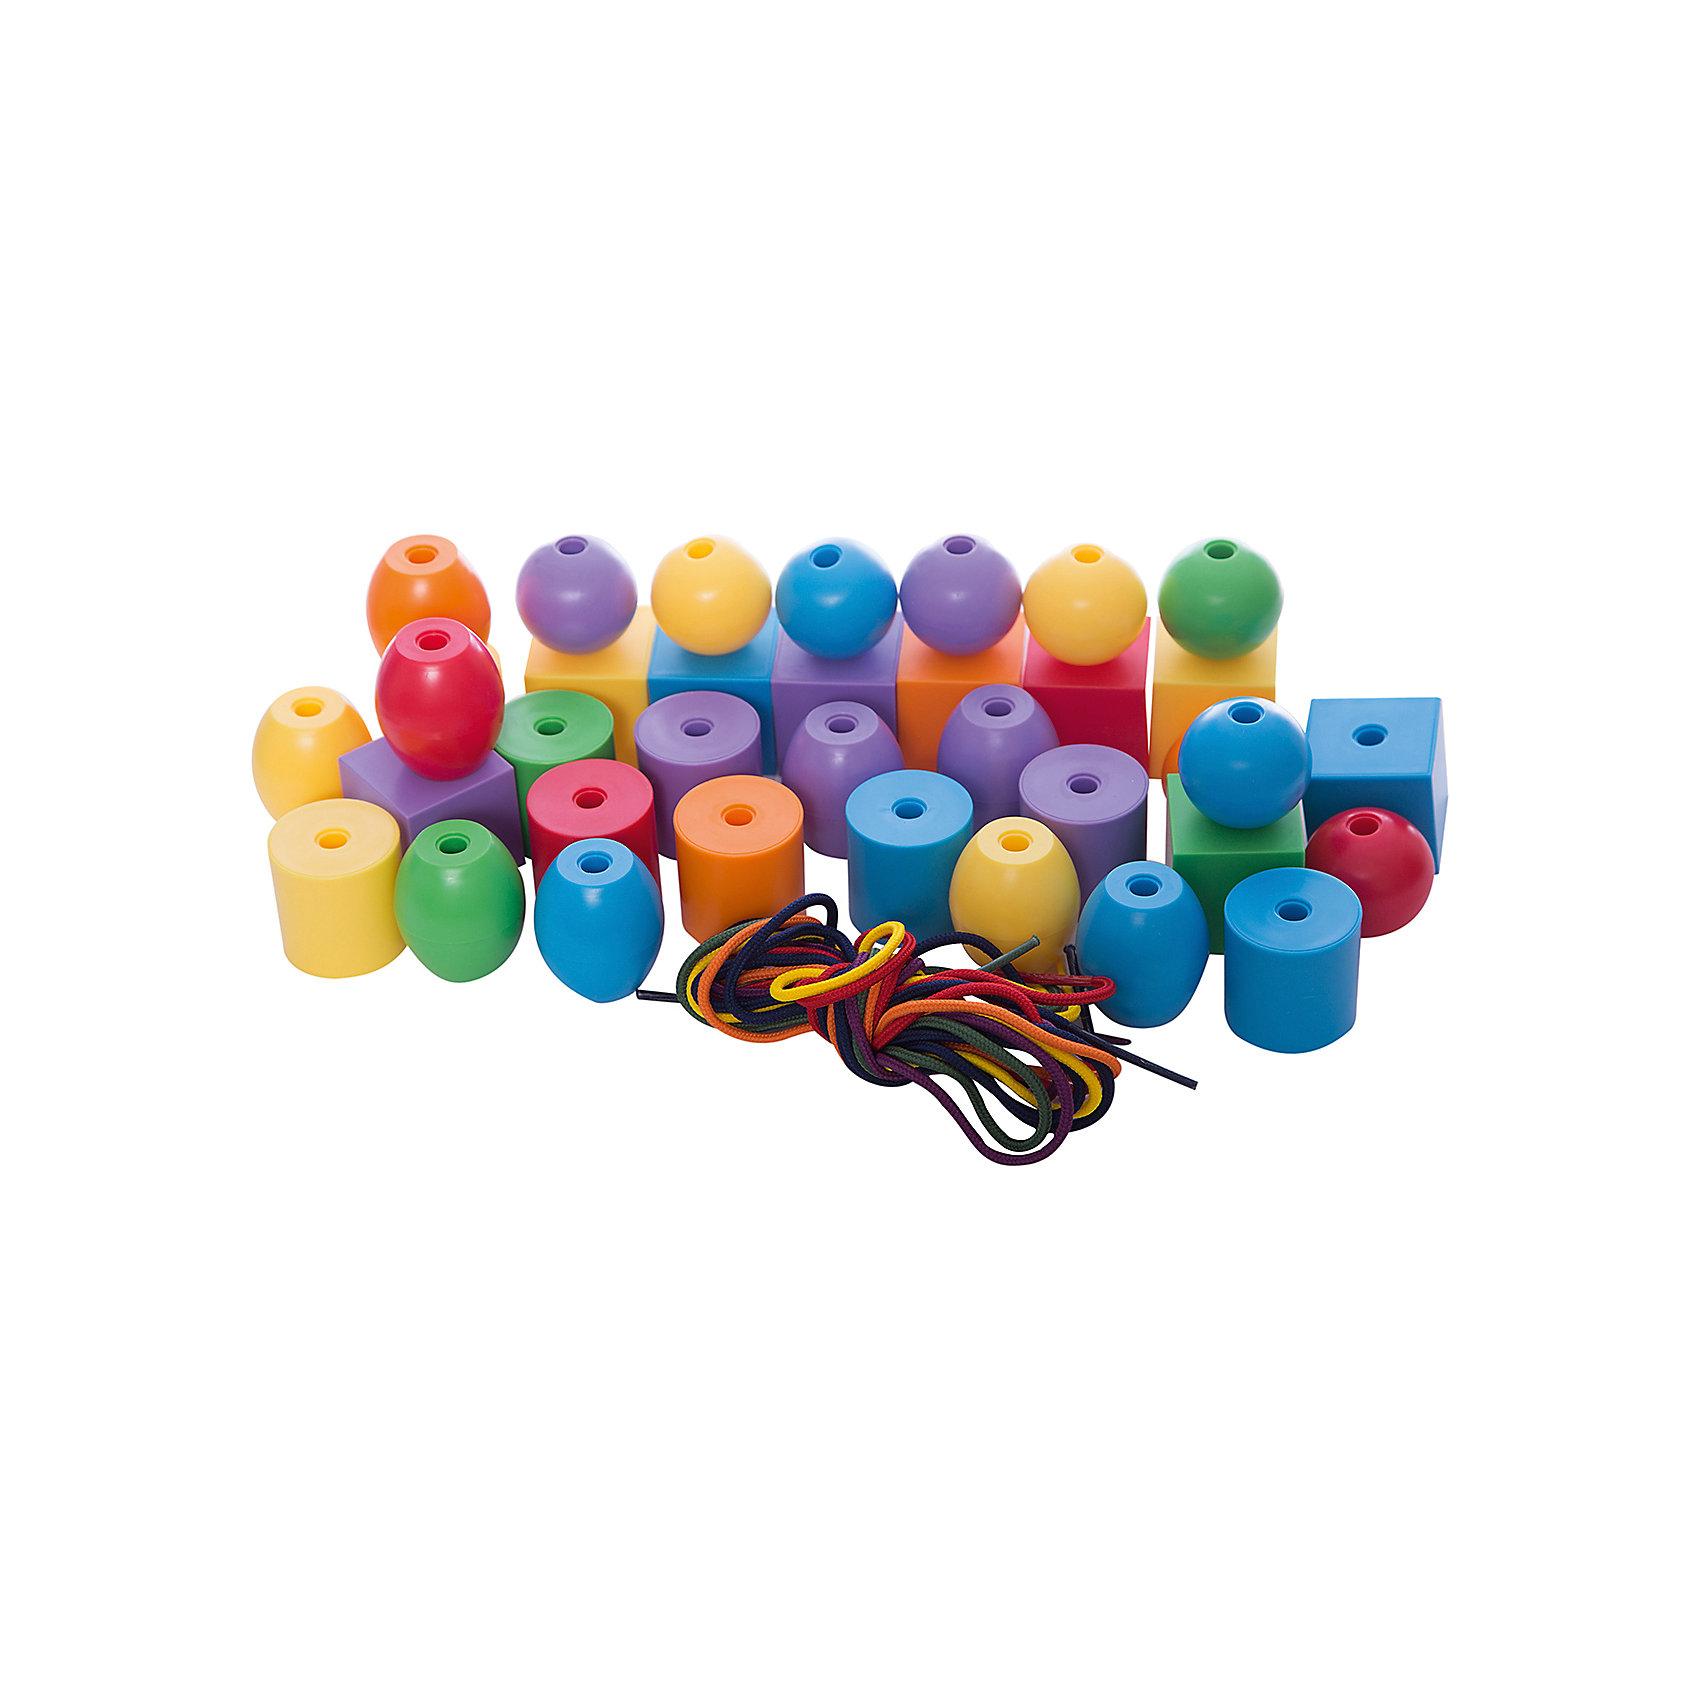 Набор Шнуровка - Большие бусыКонструктор Gigo Lacing jumbo beads (Гиго. Шнуровка-Большие бусы) - это 36 бусин, разных по форме и цвету, а также 6 шнурков для нанизывания бусин. Бусы хорошо подходят для развития концентрации внимания, фантазии, моторики рук, для формирования представления о внешних свойствах предметов: форме, объёме, цвете, величине и положении в пространстве.<br><br>Ширина мм: 150<br>Глубина мм: 150<br>Высота мм: 150<br>Вес г: 700<br>Возраст от месяцев: 36<br>Возраст до месяцев: 192<br>Пол: Унисекс<br>Возраст: Детский<br>SKU: 5324984